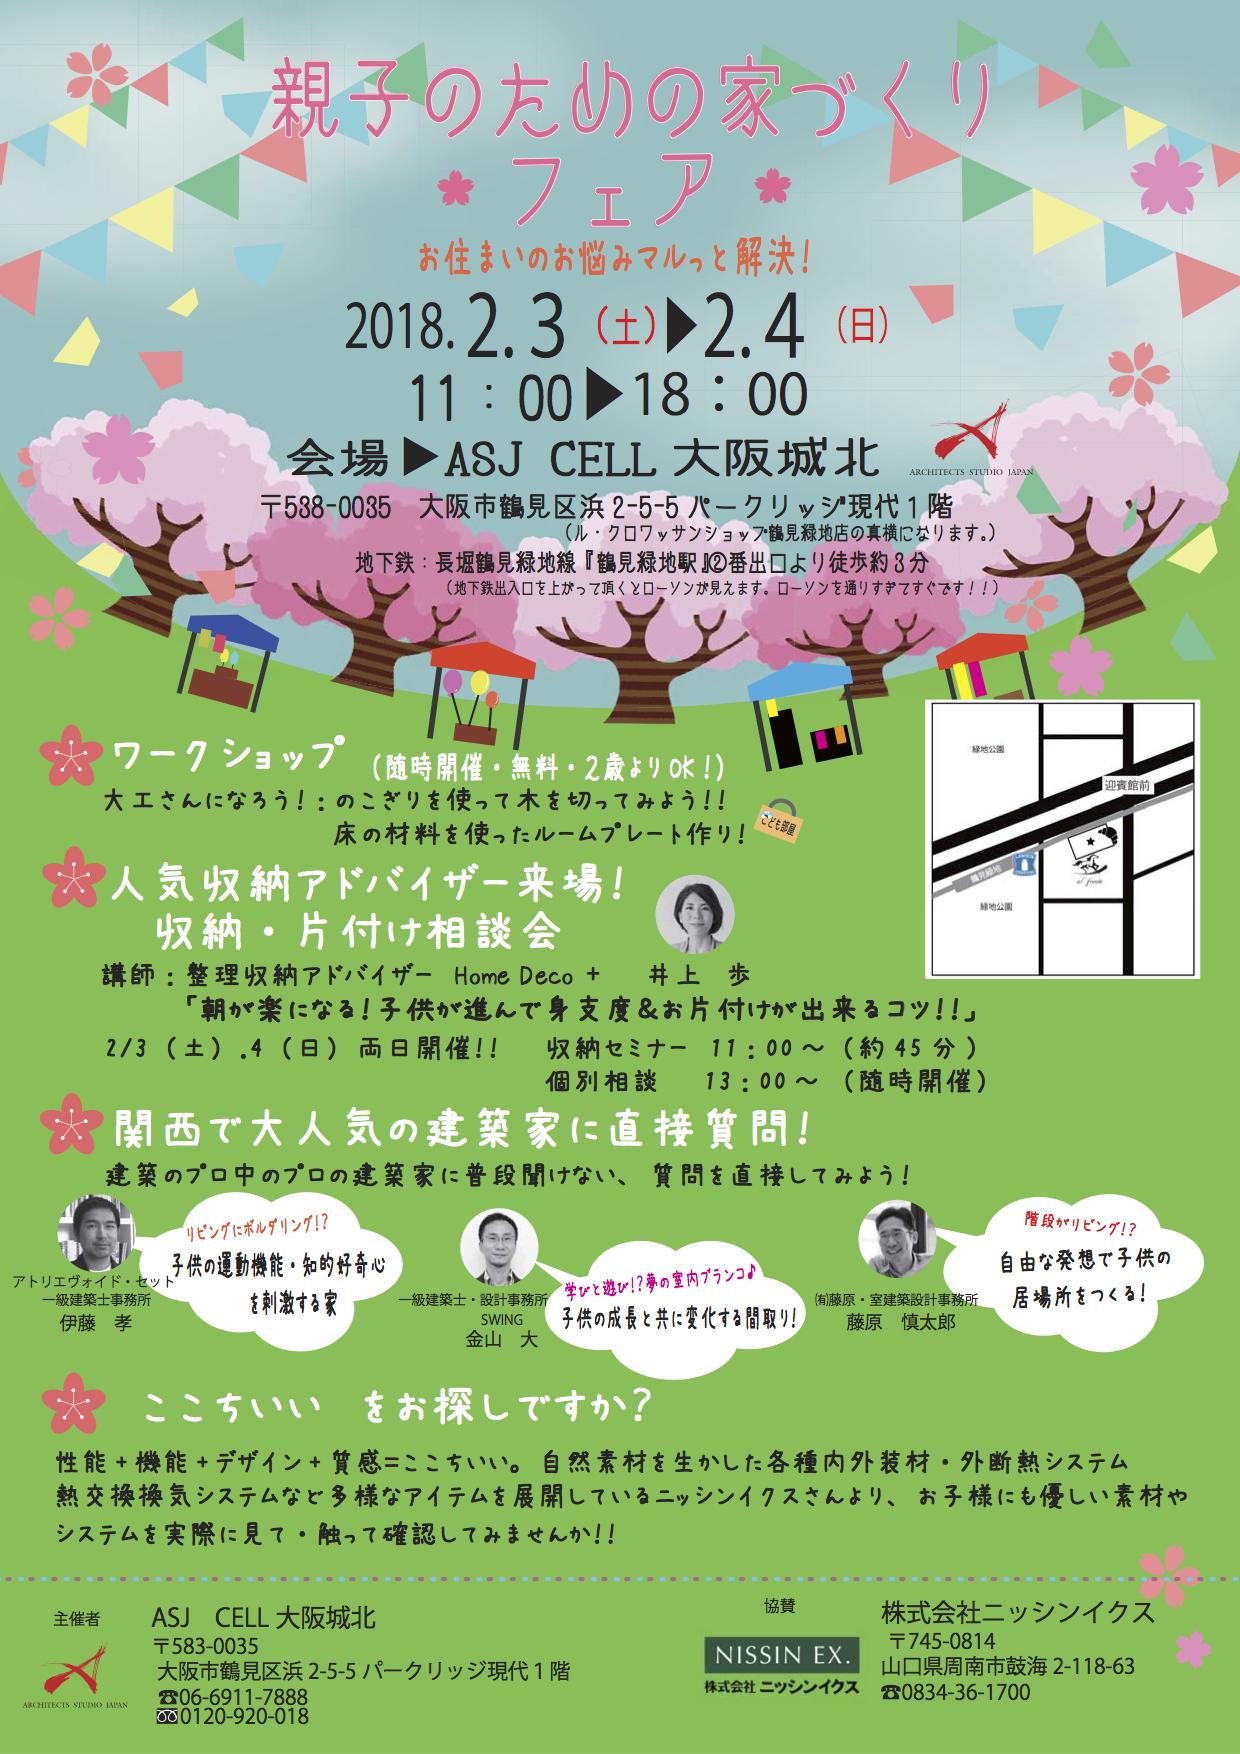 180203-03shirokita